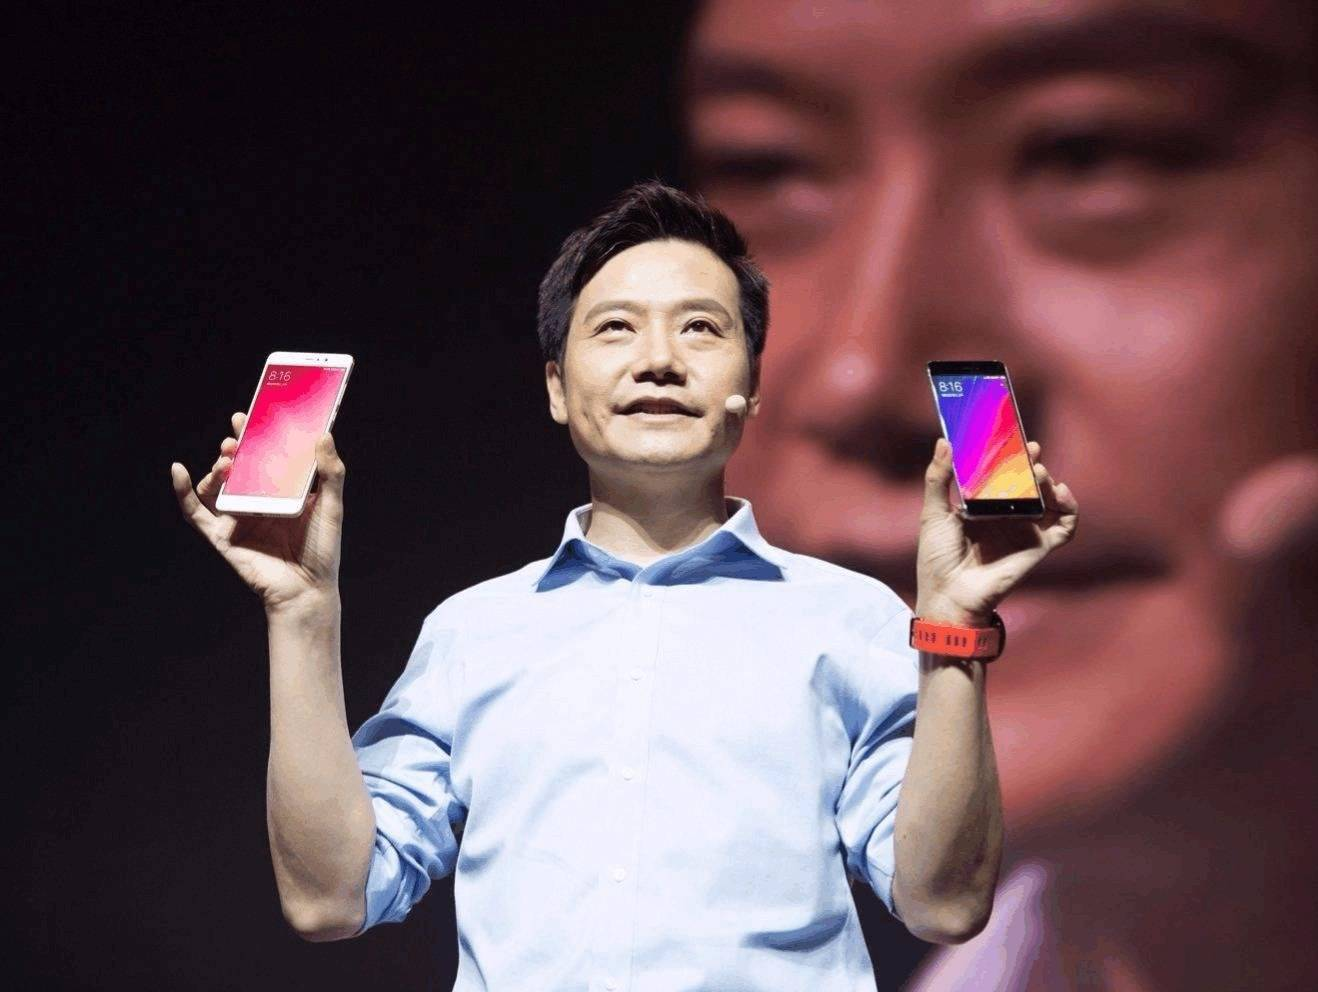 【早报】小米手机牵手谷歌搭载ARCore;蔡文胜: